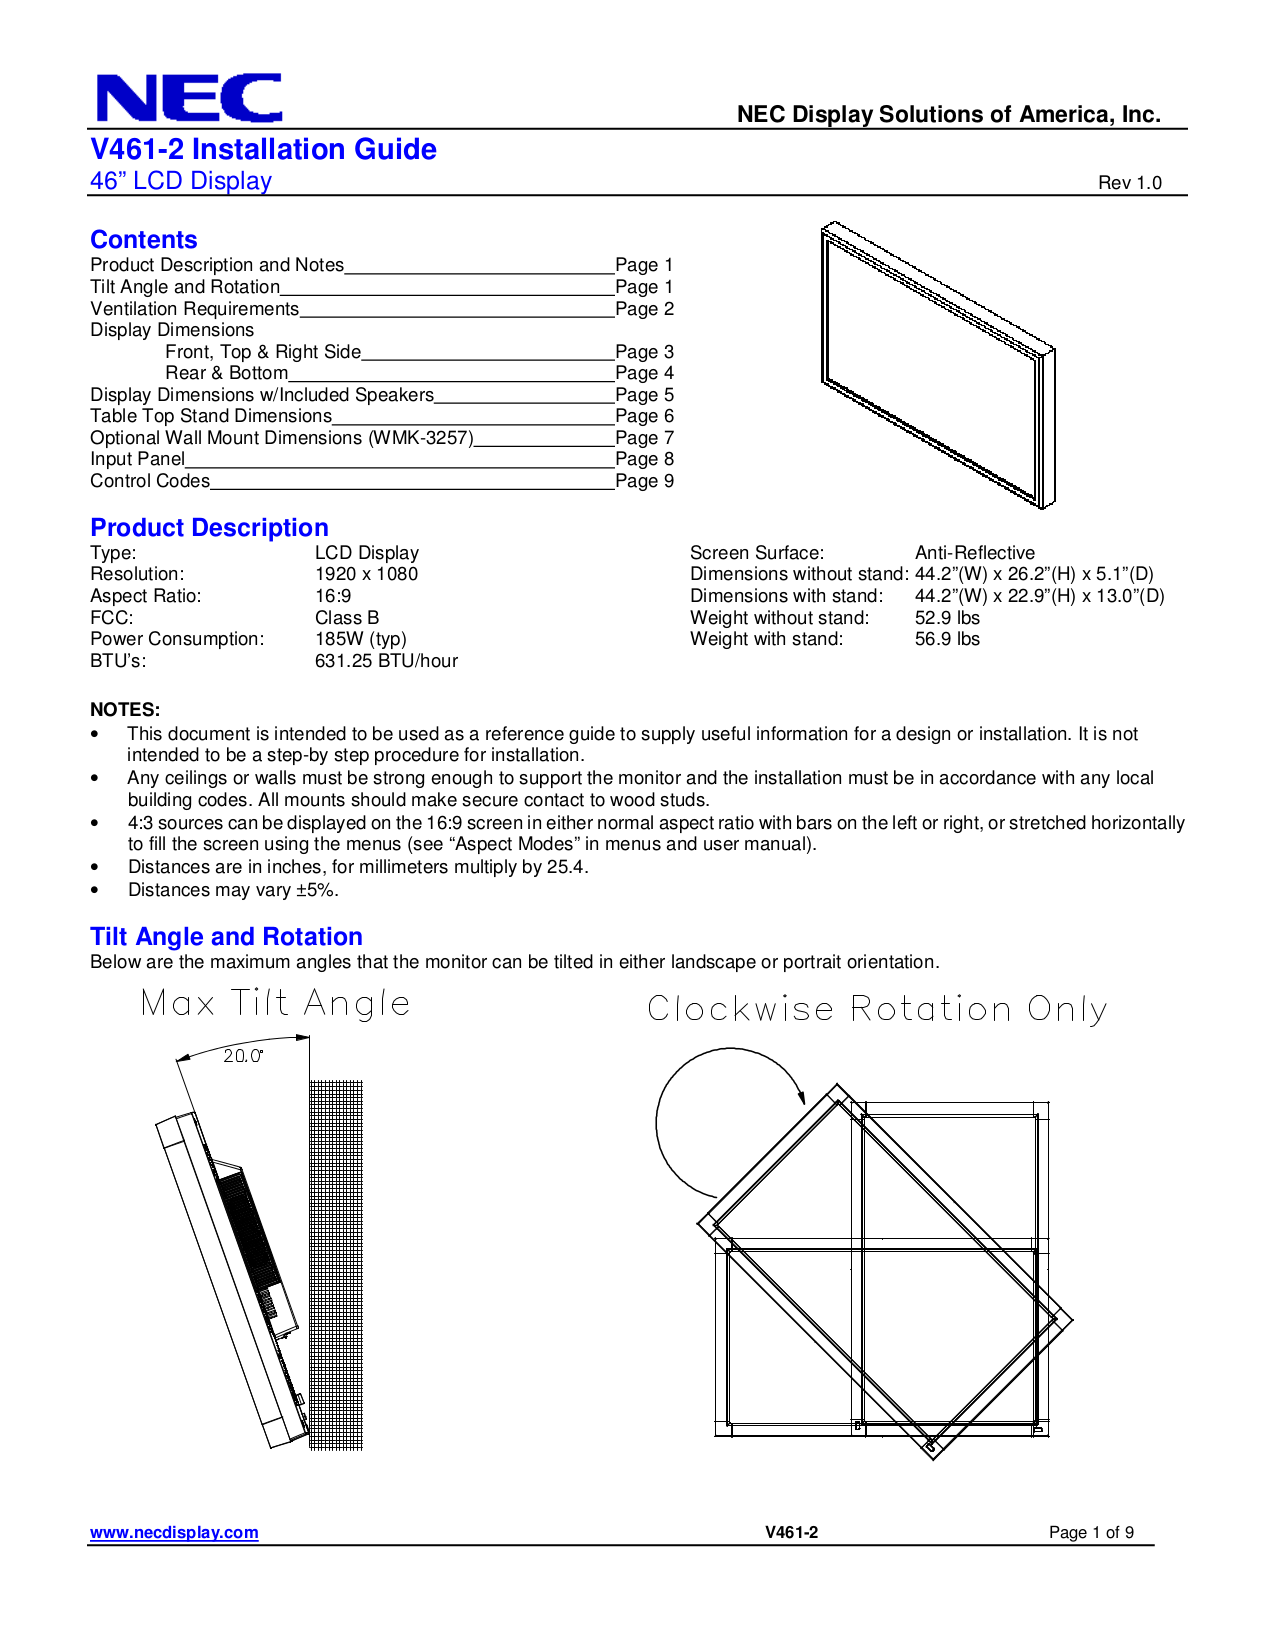 pdf manual for nec monitor v461